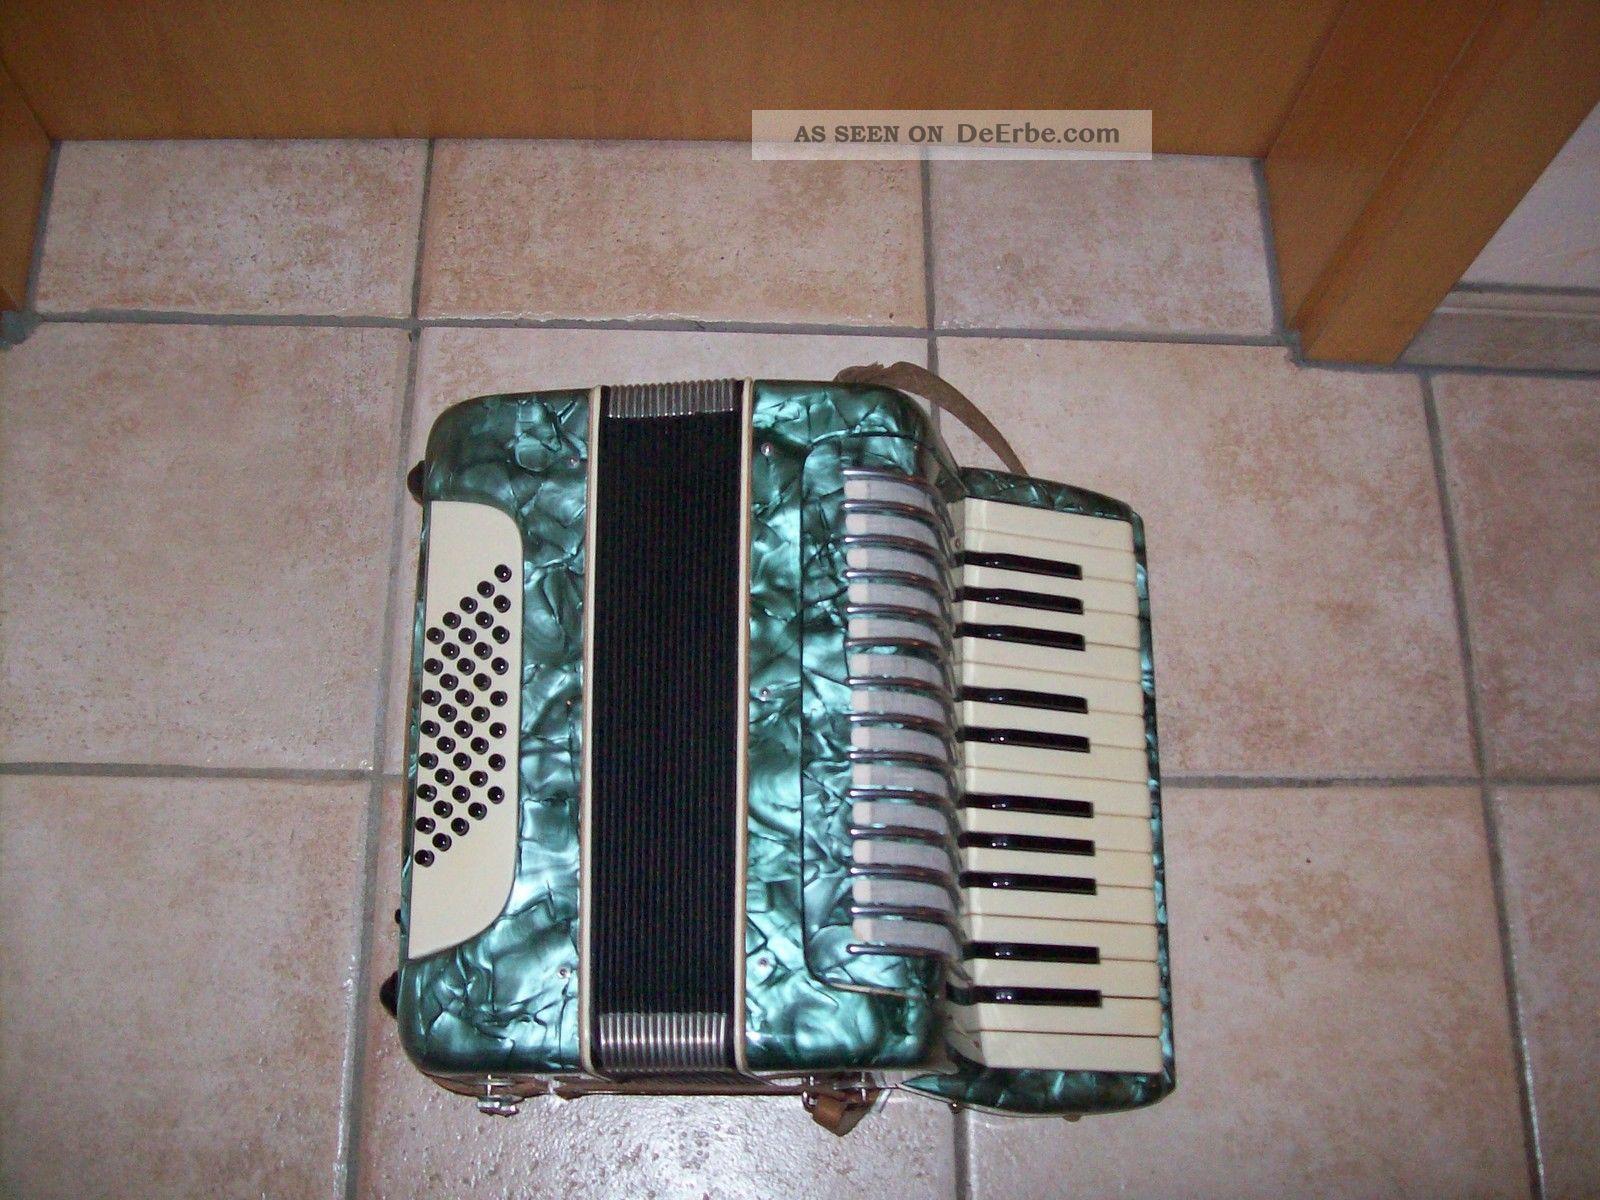 Akkordeon Schifferklavier 40 Bässe Von Max Graupner Klingentahl Ca.  1958 Musikinstrumente Bild